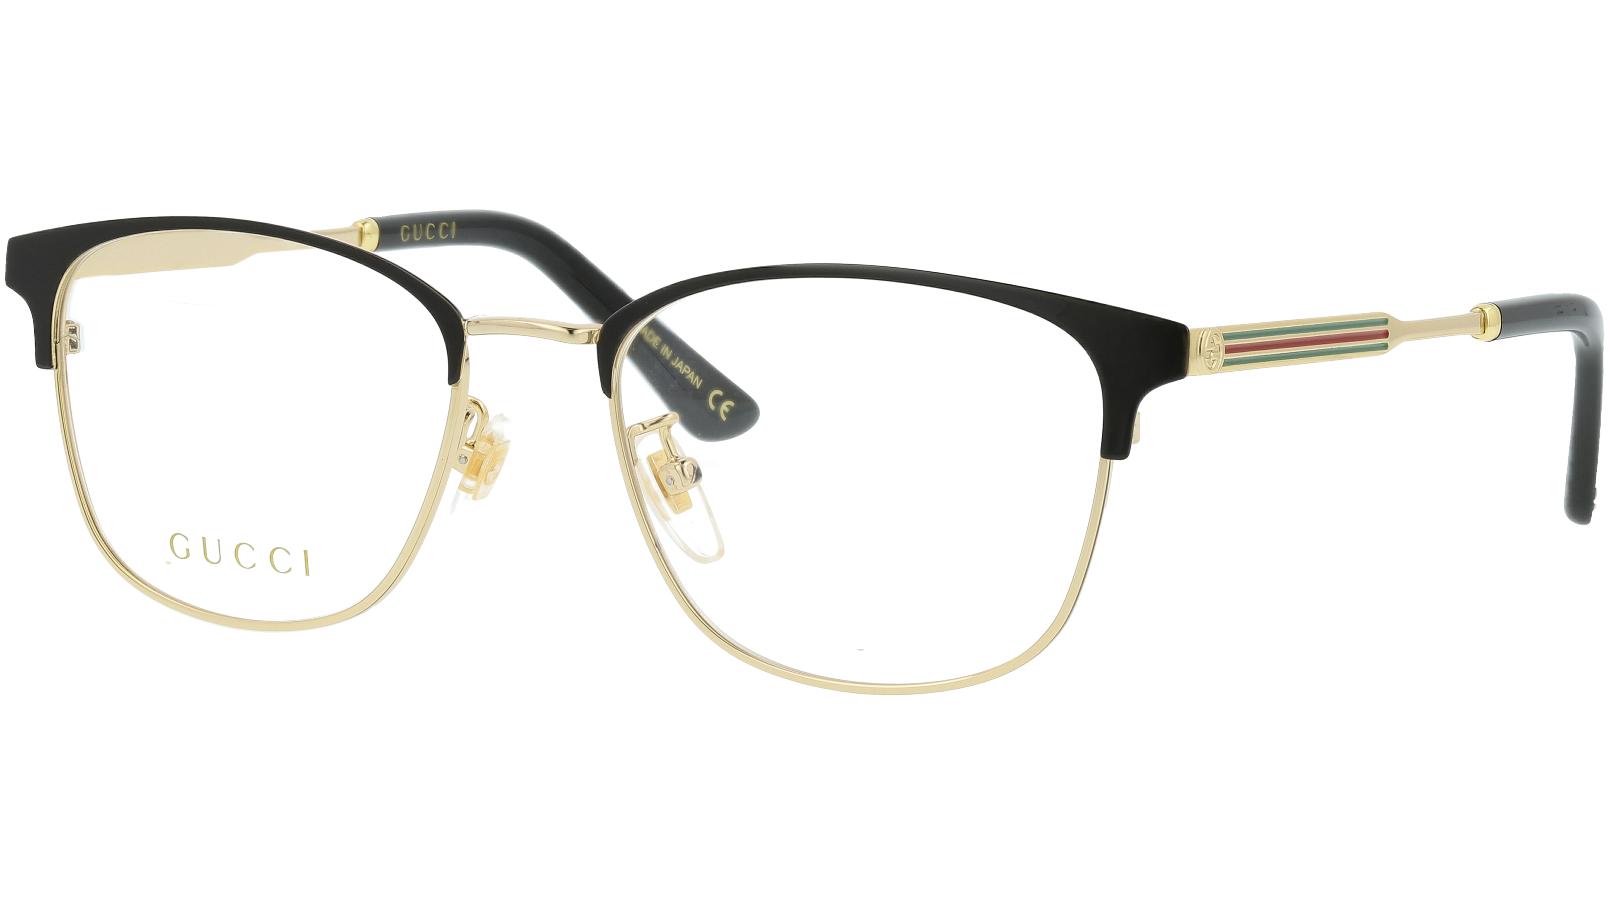 Gucci GG0609OK 001 52 Black Square Glasses